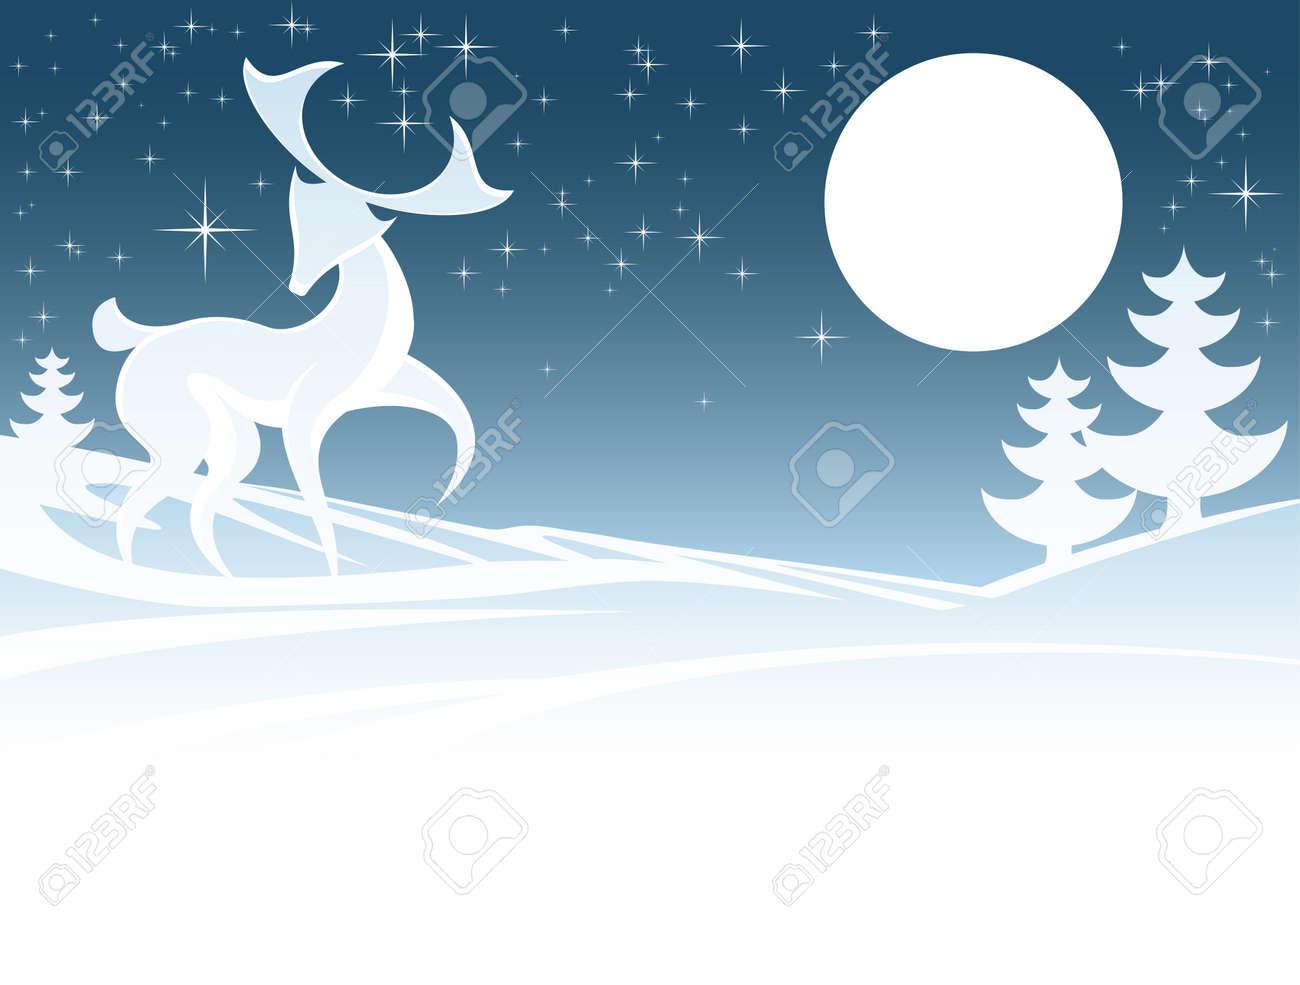 Stilisierte Illustration Weihnachten Winter-Szene Mit Einem Hirsch ...